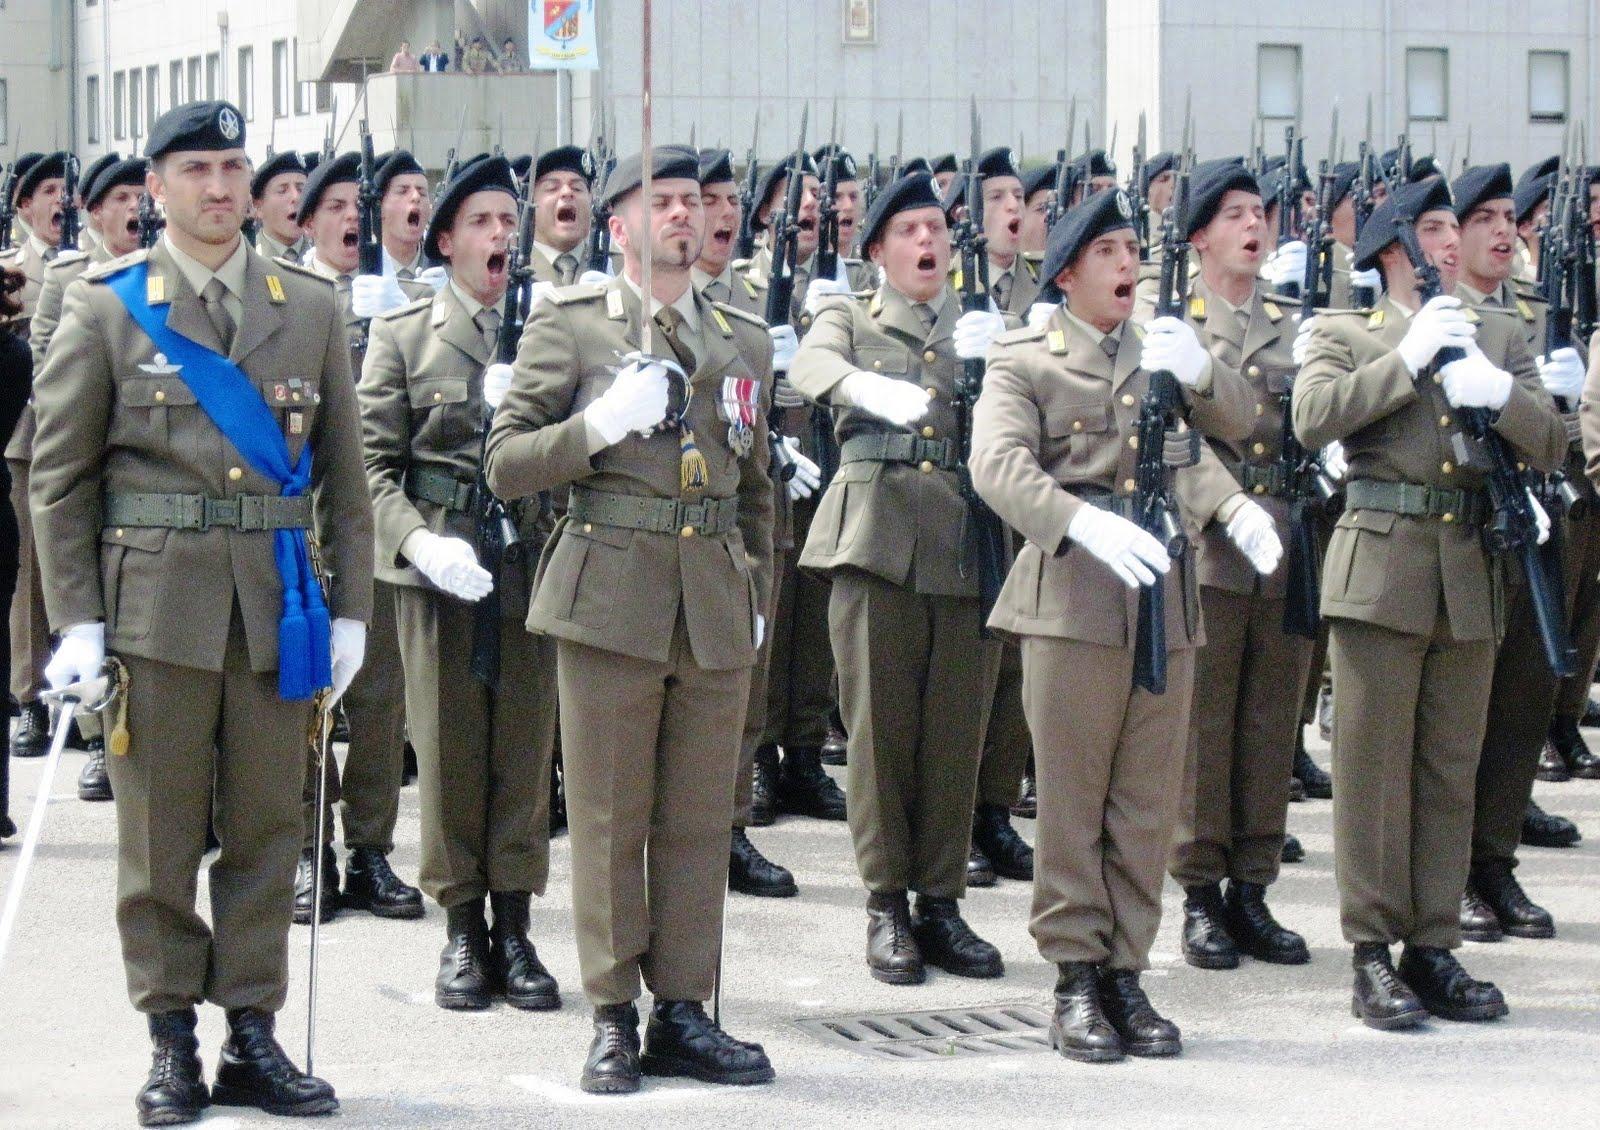 Lavoro nell 39 esercito e nella guardia di finanza concorsi for Concorsi parlamento italiano 2017